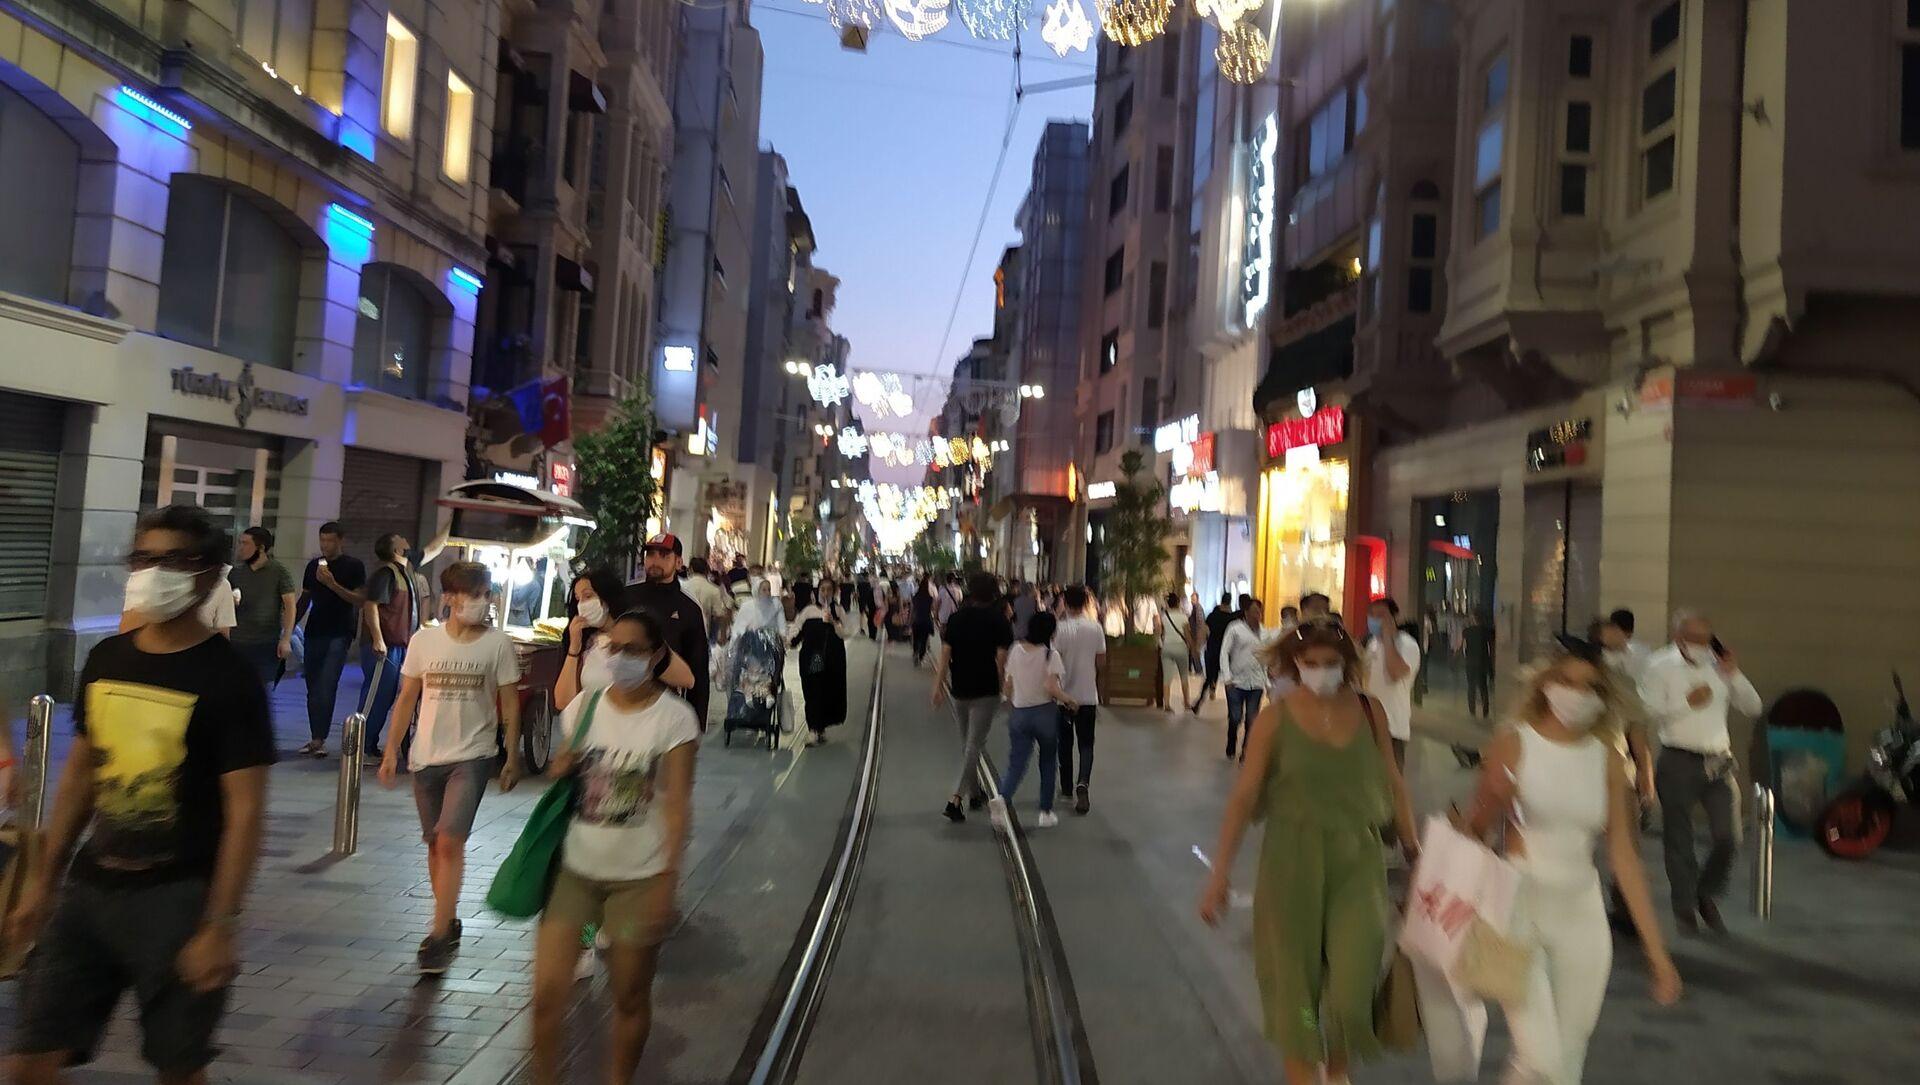 İstiklal Caddesi ve Taksim Meydanı'nda koronavirüs tedbirleri unutuldu - Sputnik Türkiye, 1920, 13.04.2021